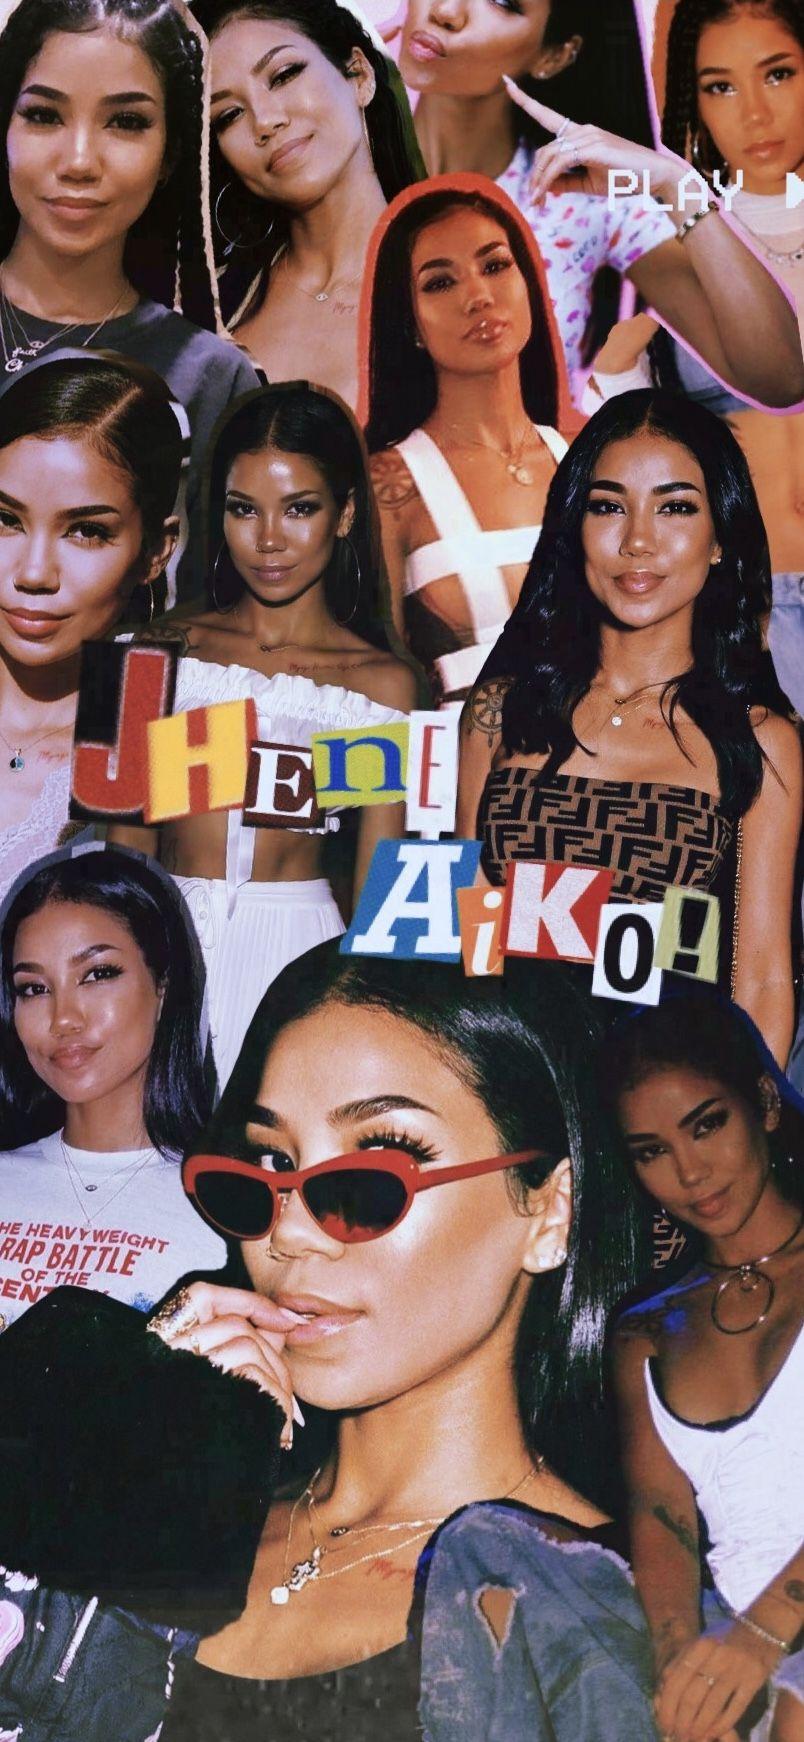 Jhene Aiko Bad Girl Wallpaper Jhene Aiko Celebrity Wallpapers